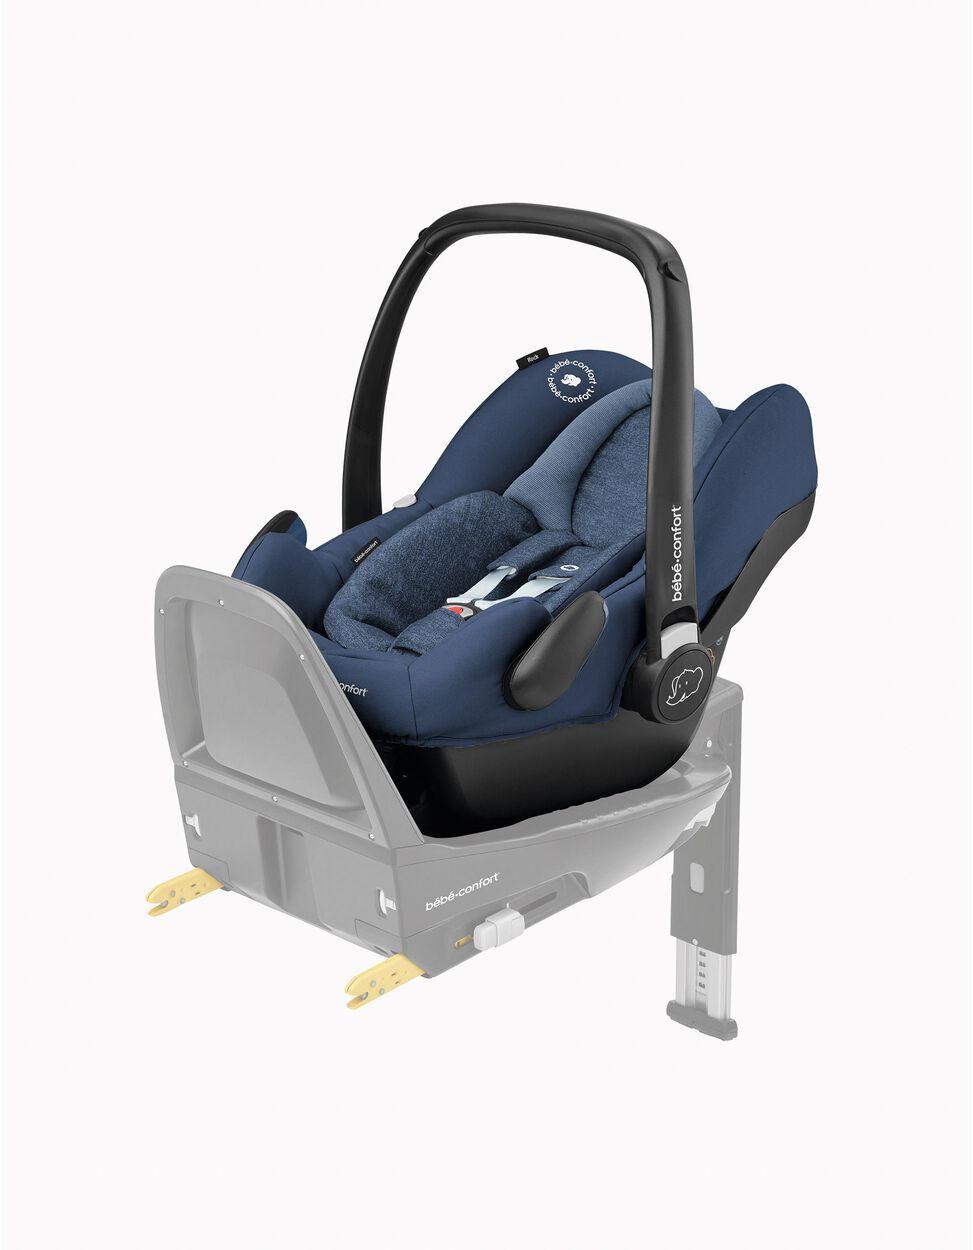 Silla Auto Gr 0+ Rock Bébé Confort